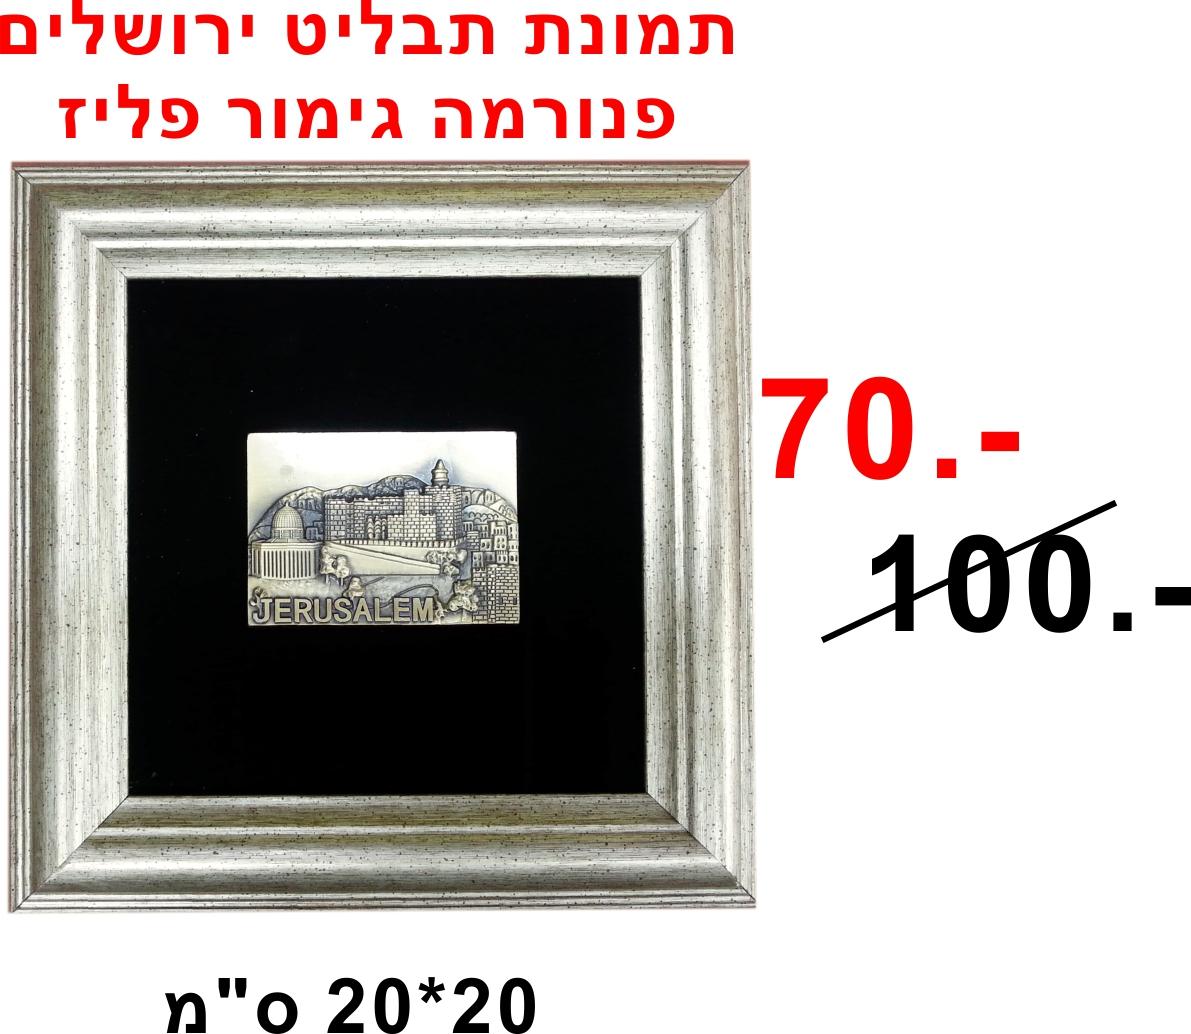 תמונת תבליט ירושלים פנורמה גימור פליז